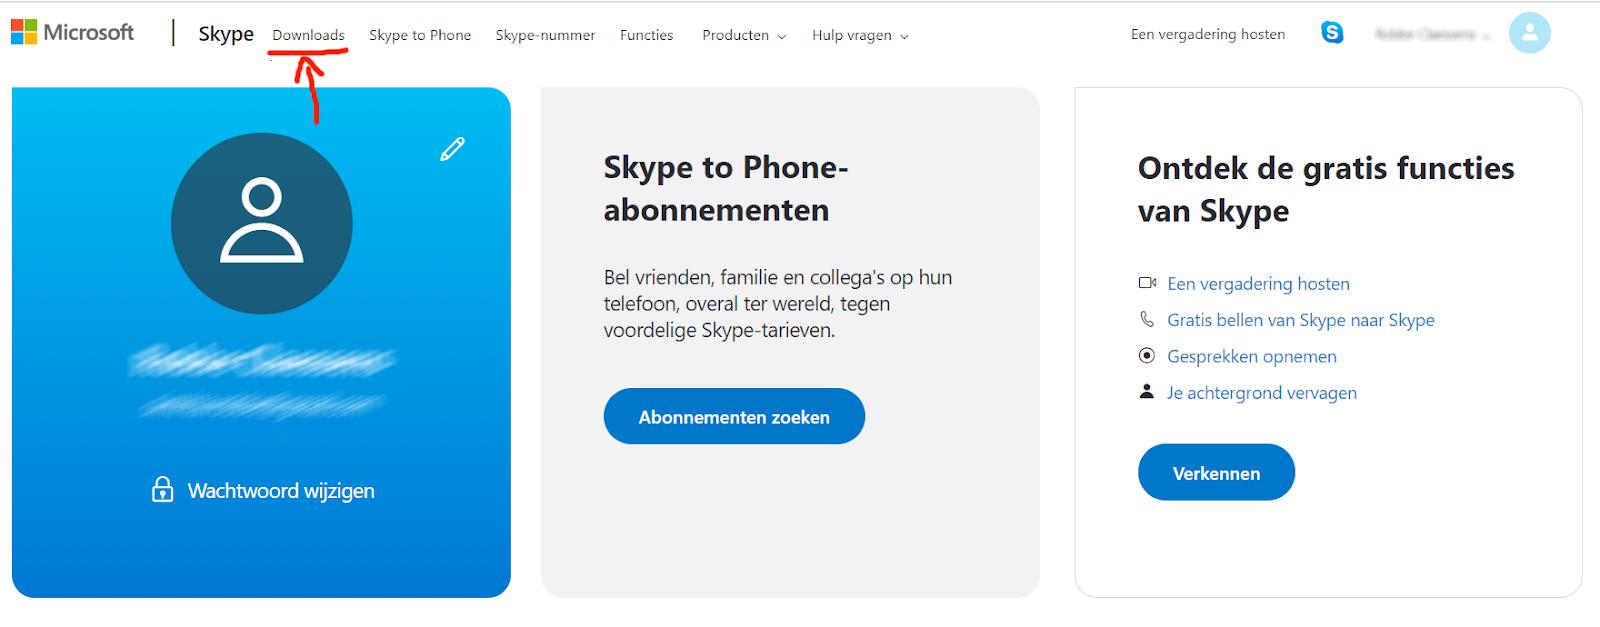 Hoe een skype account aanmaken en gebruiken in 5 stappen 2